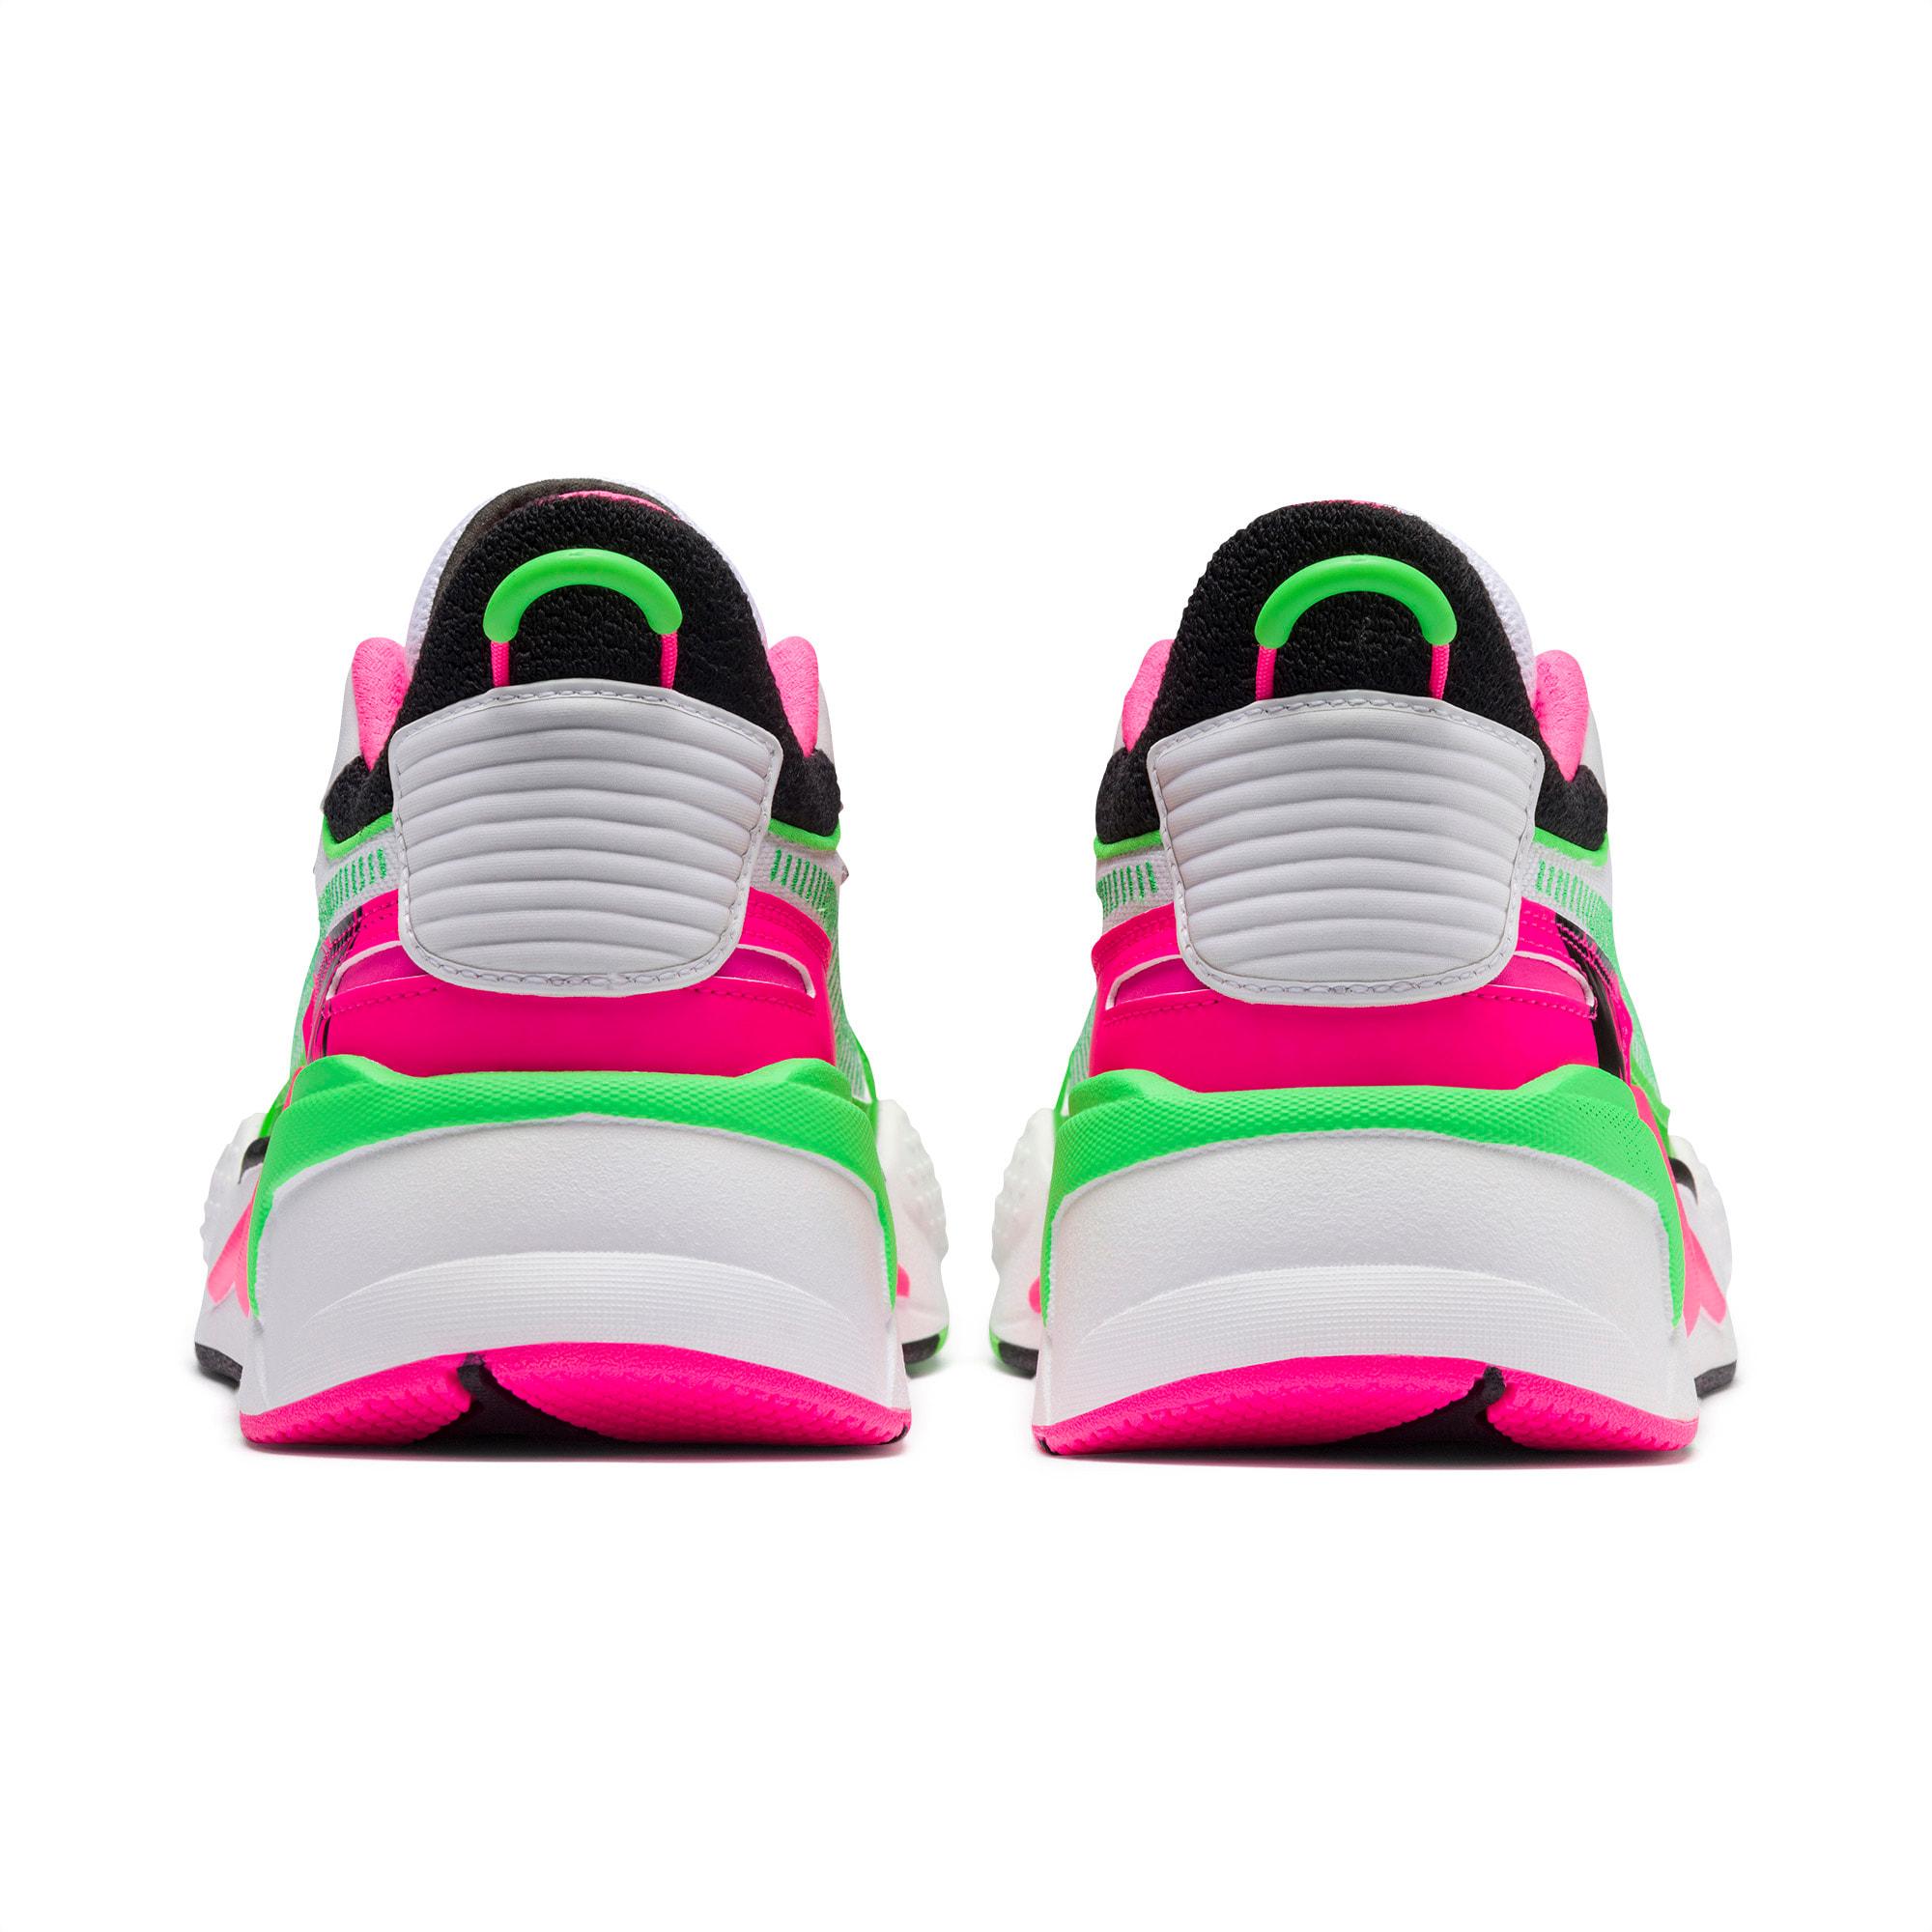 Herren|Damen Sneakers | Puma PUMA x MTV RS X Tracks Bold Sneaker Puma White Puma Black 802 C